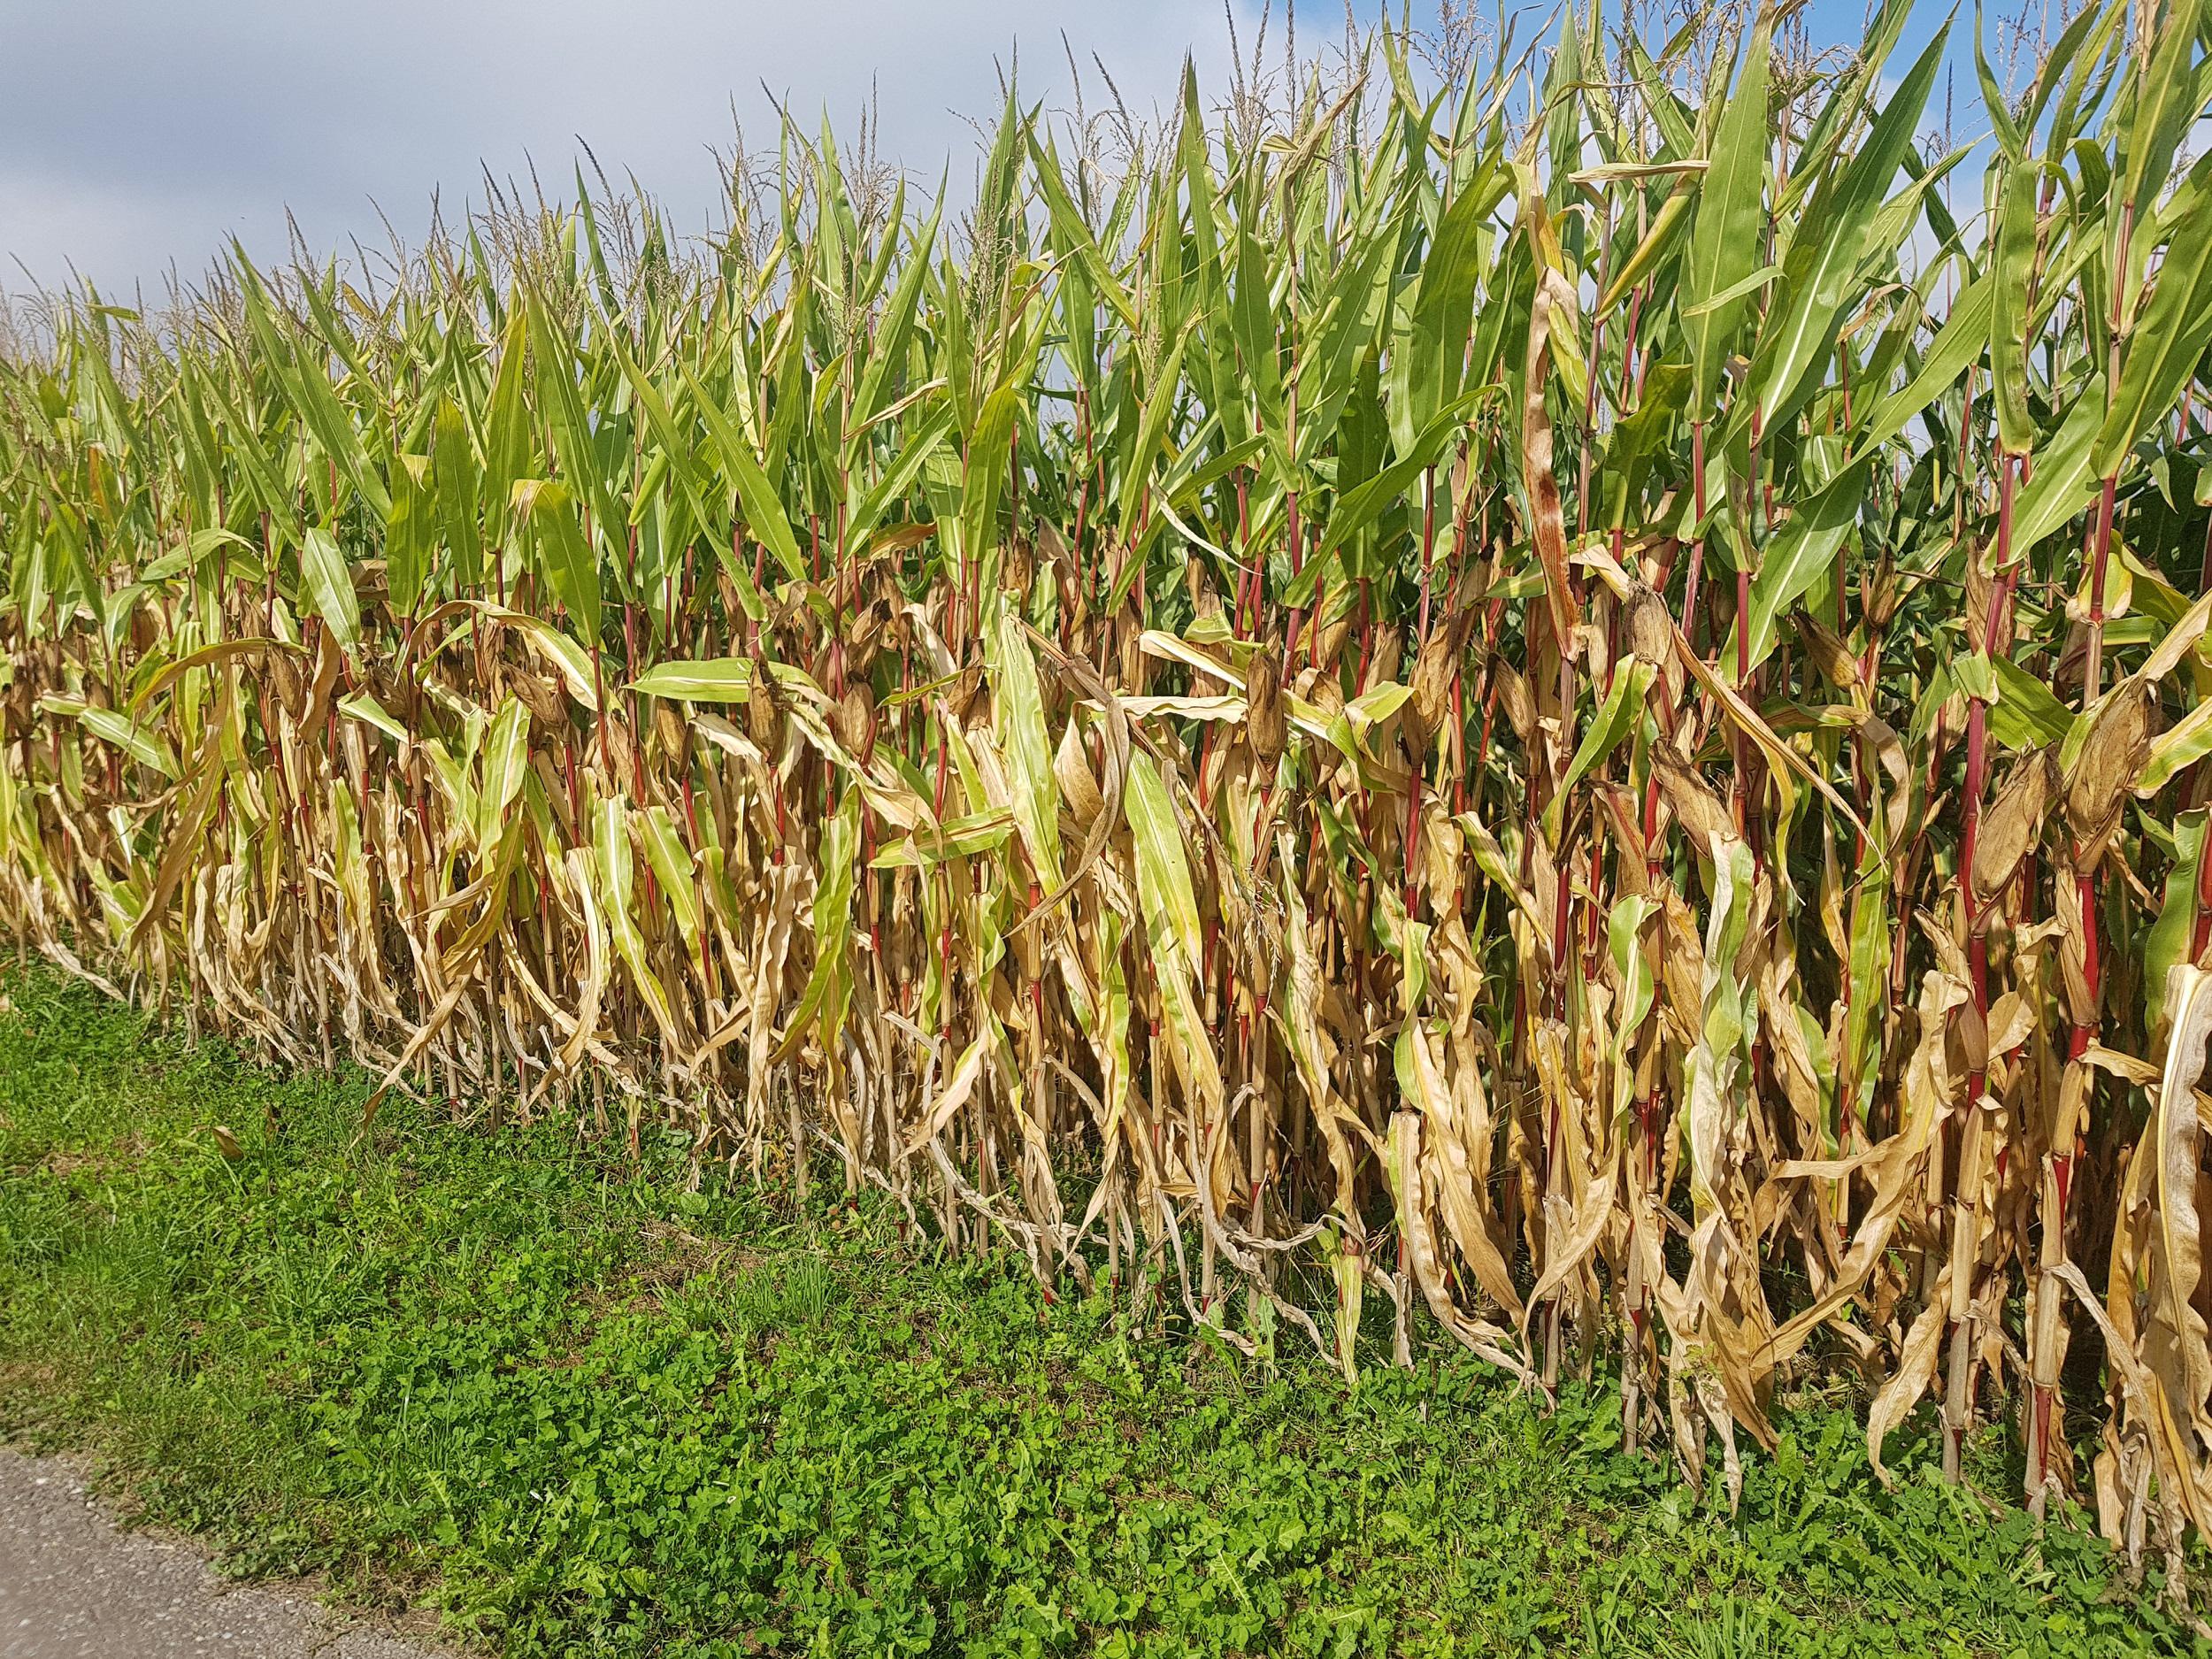 Vorerntekontrolle im Mais